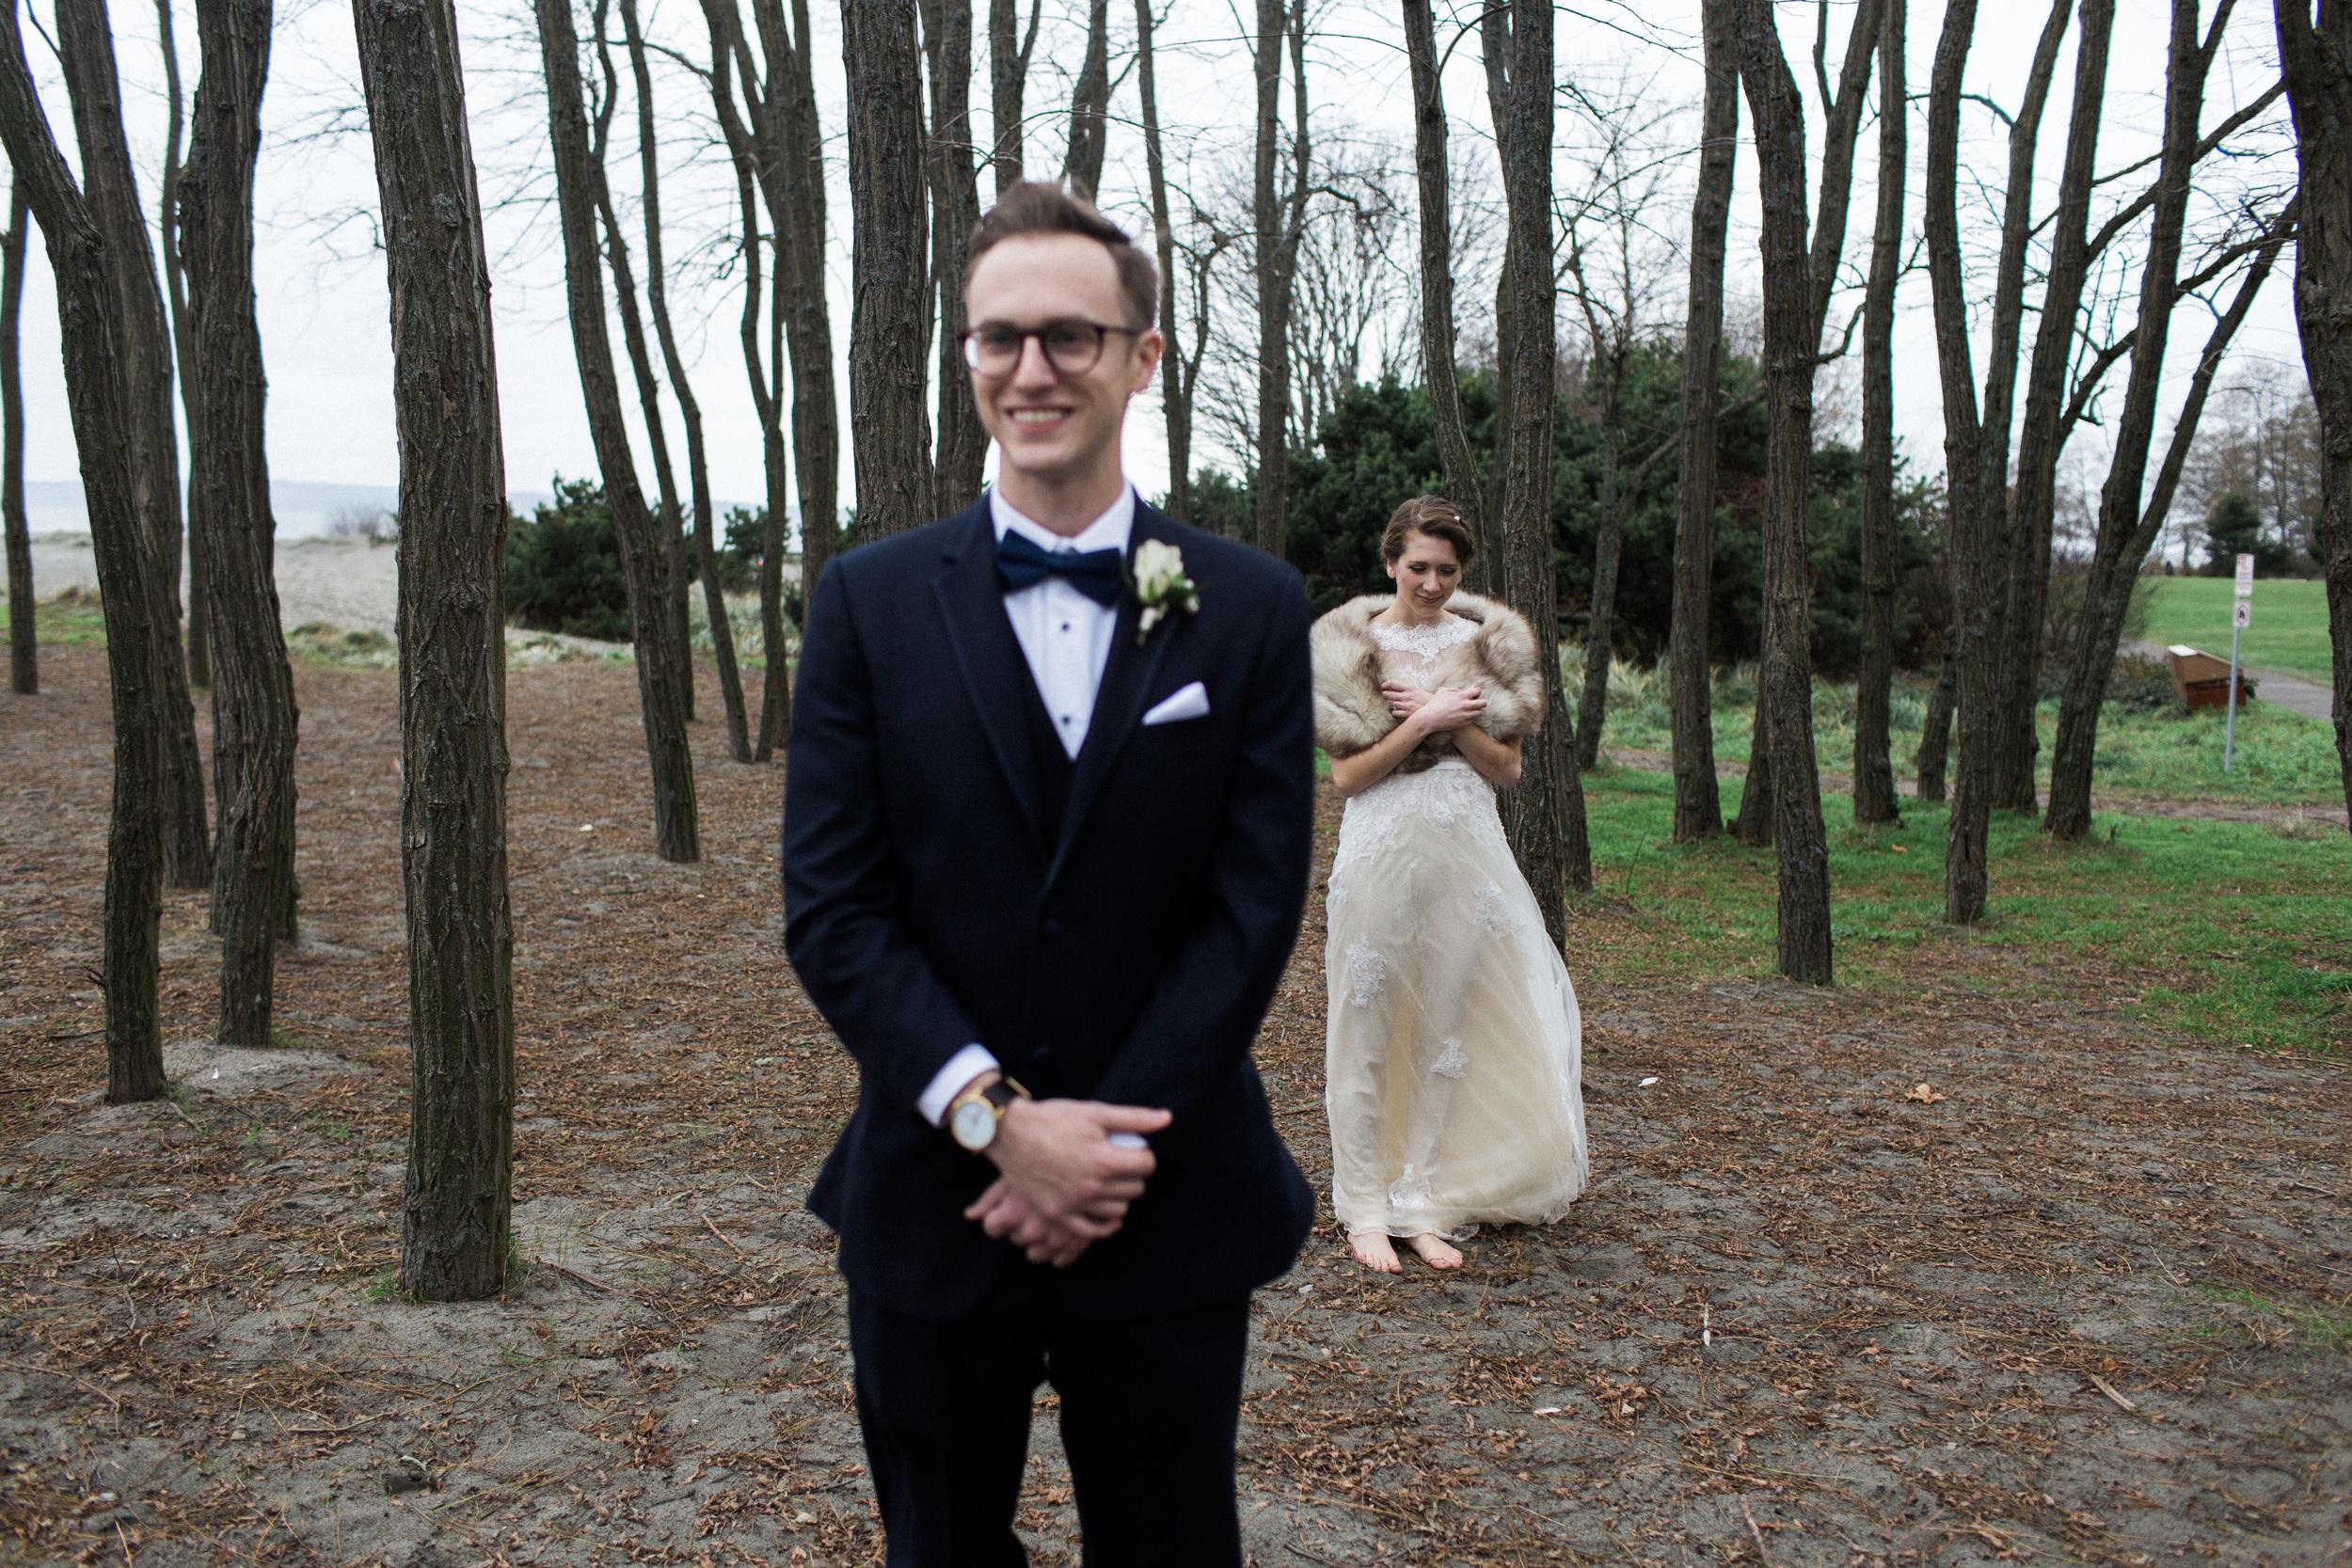 Ben_and_Casey_Krein_Wedding-19.jpg